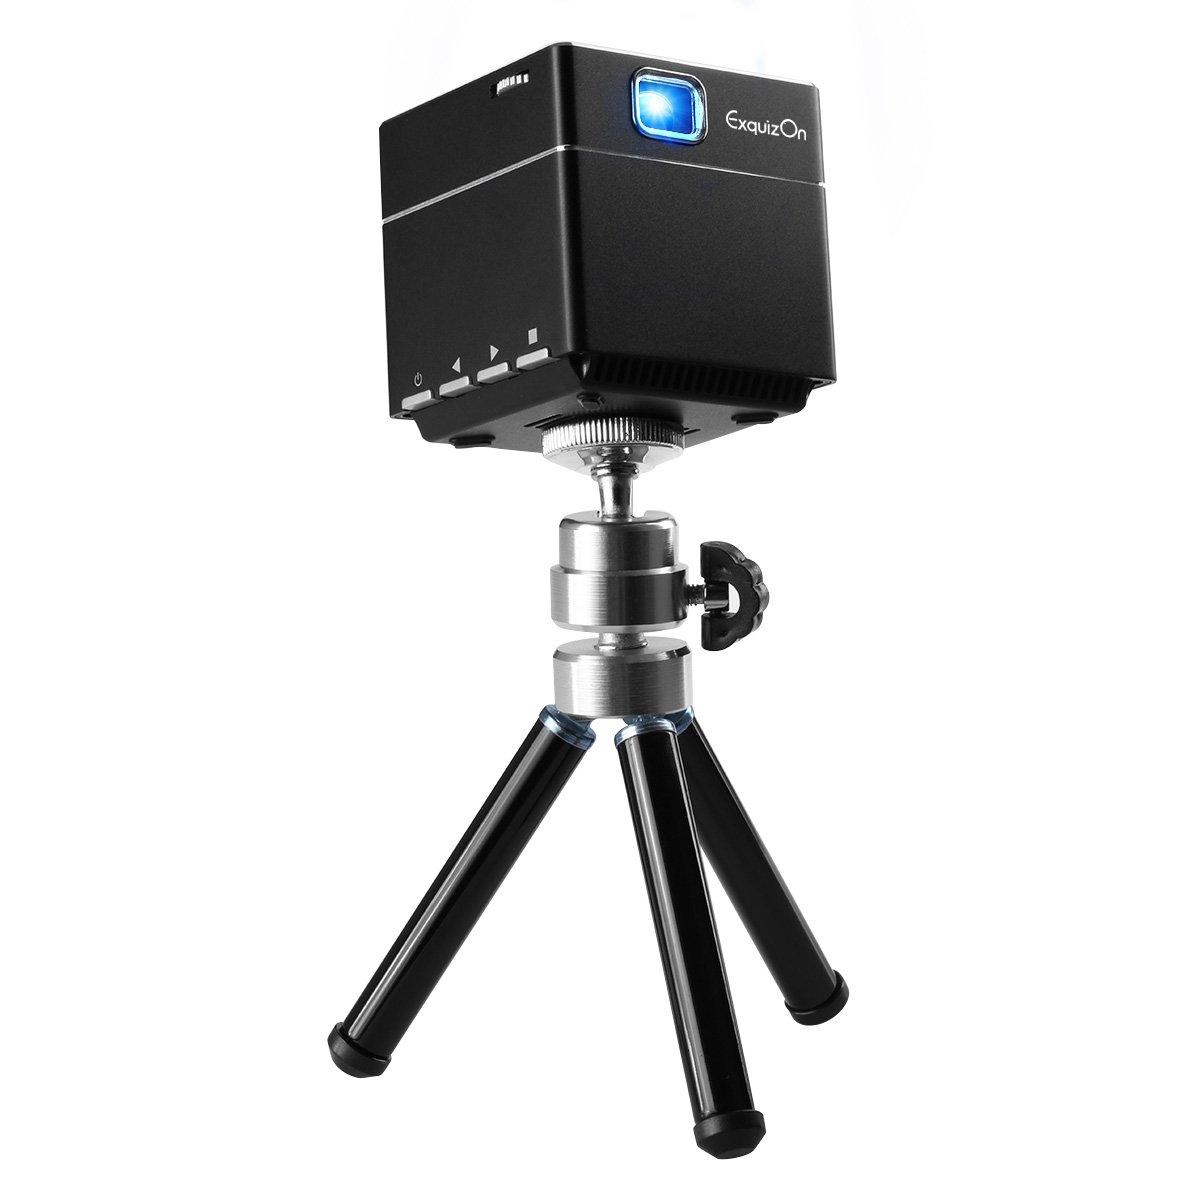 ExquizOn Proyector WIFI portátil S6 Negro: Amazon.es: Electrónica